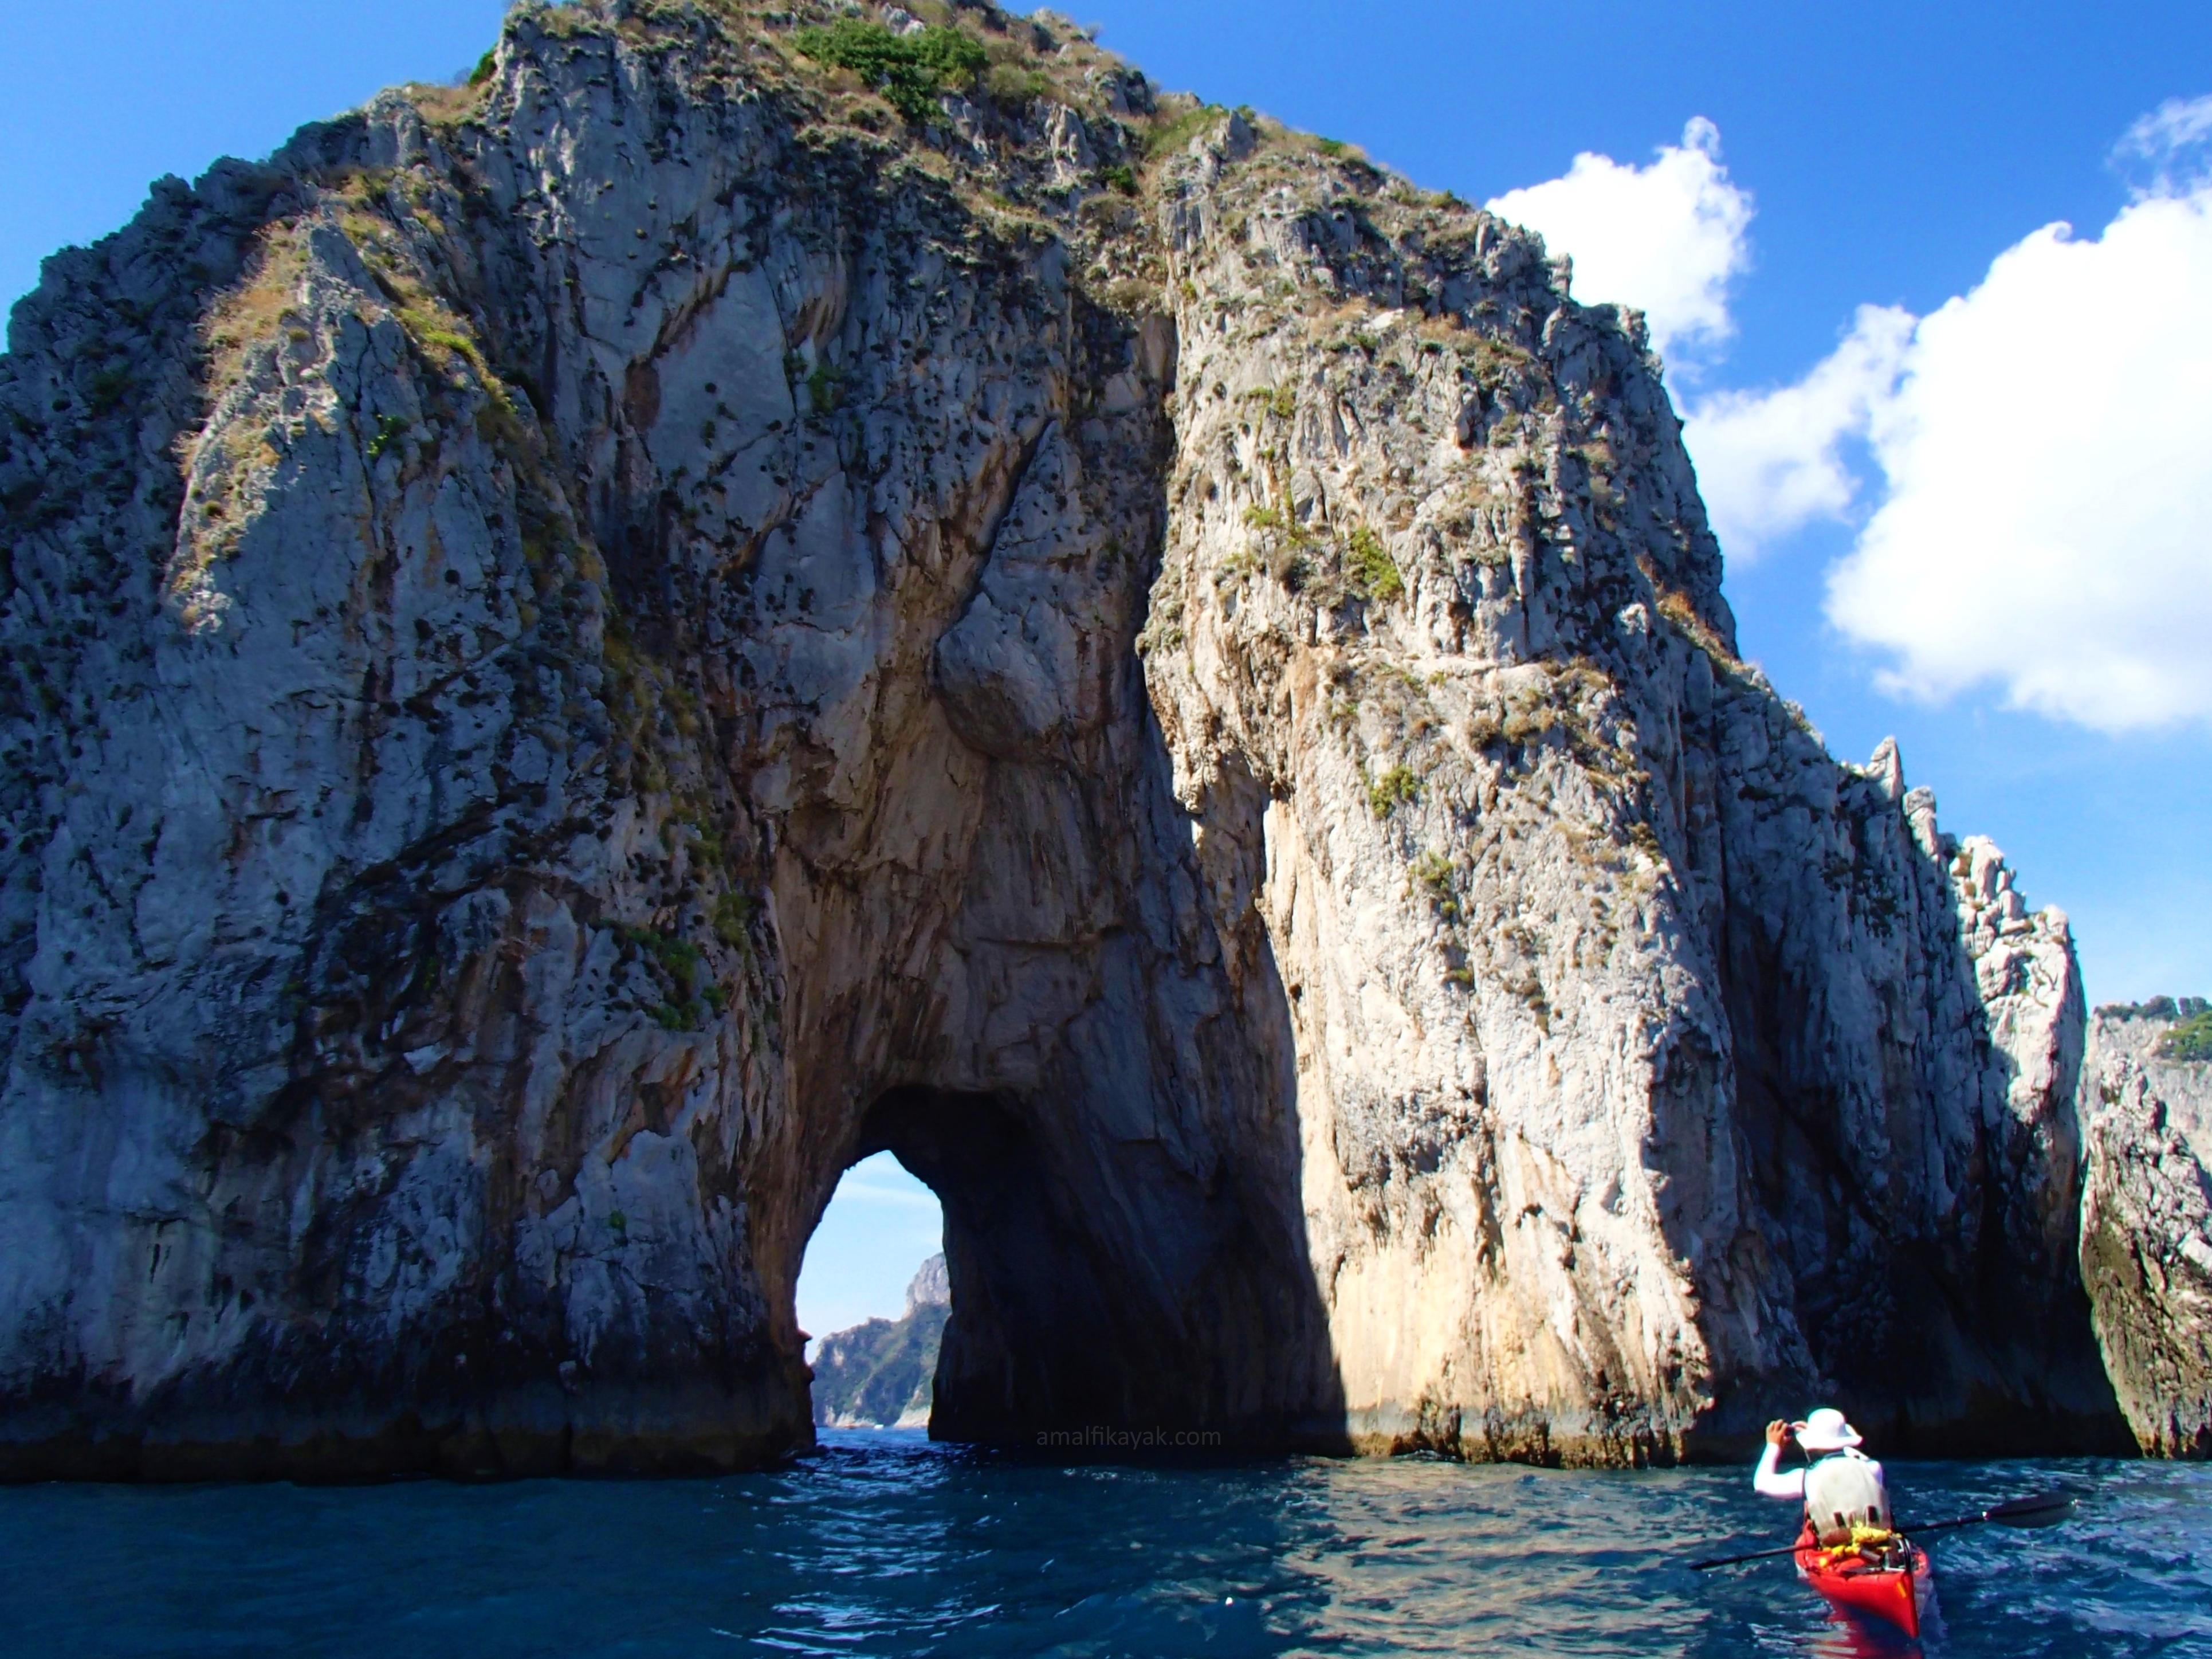 Tunnel in Faraglioni Rocks, Capri